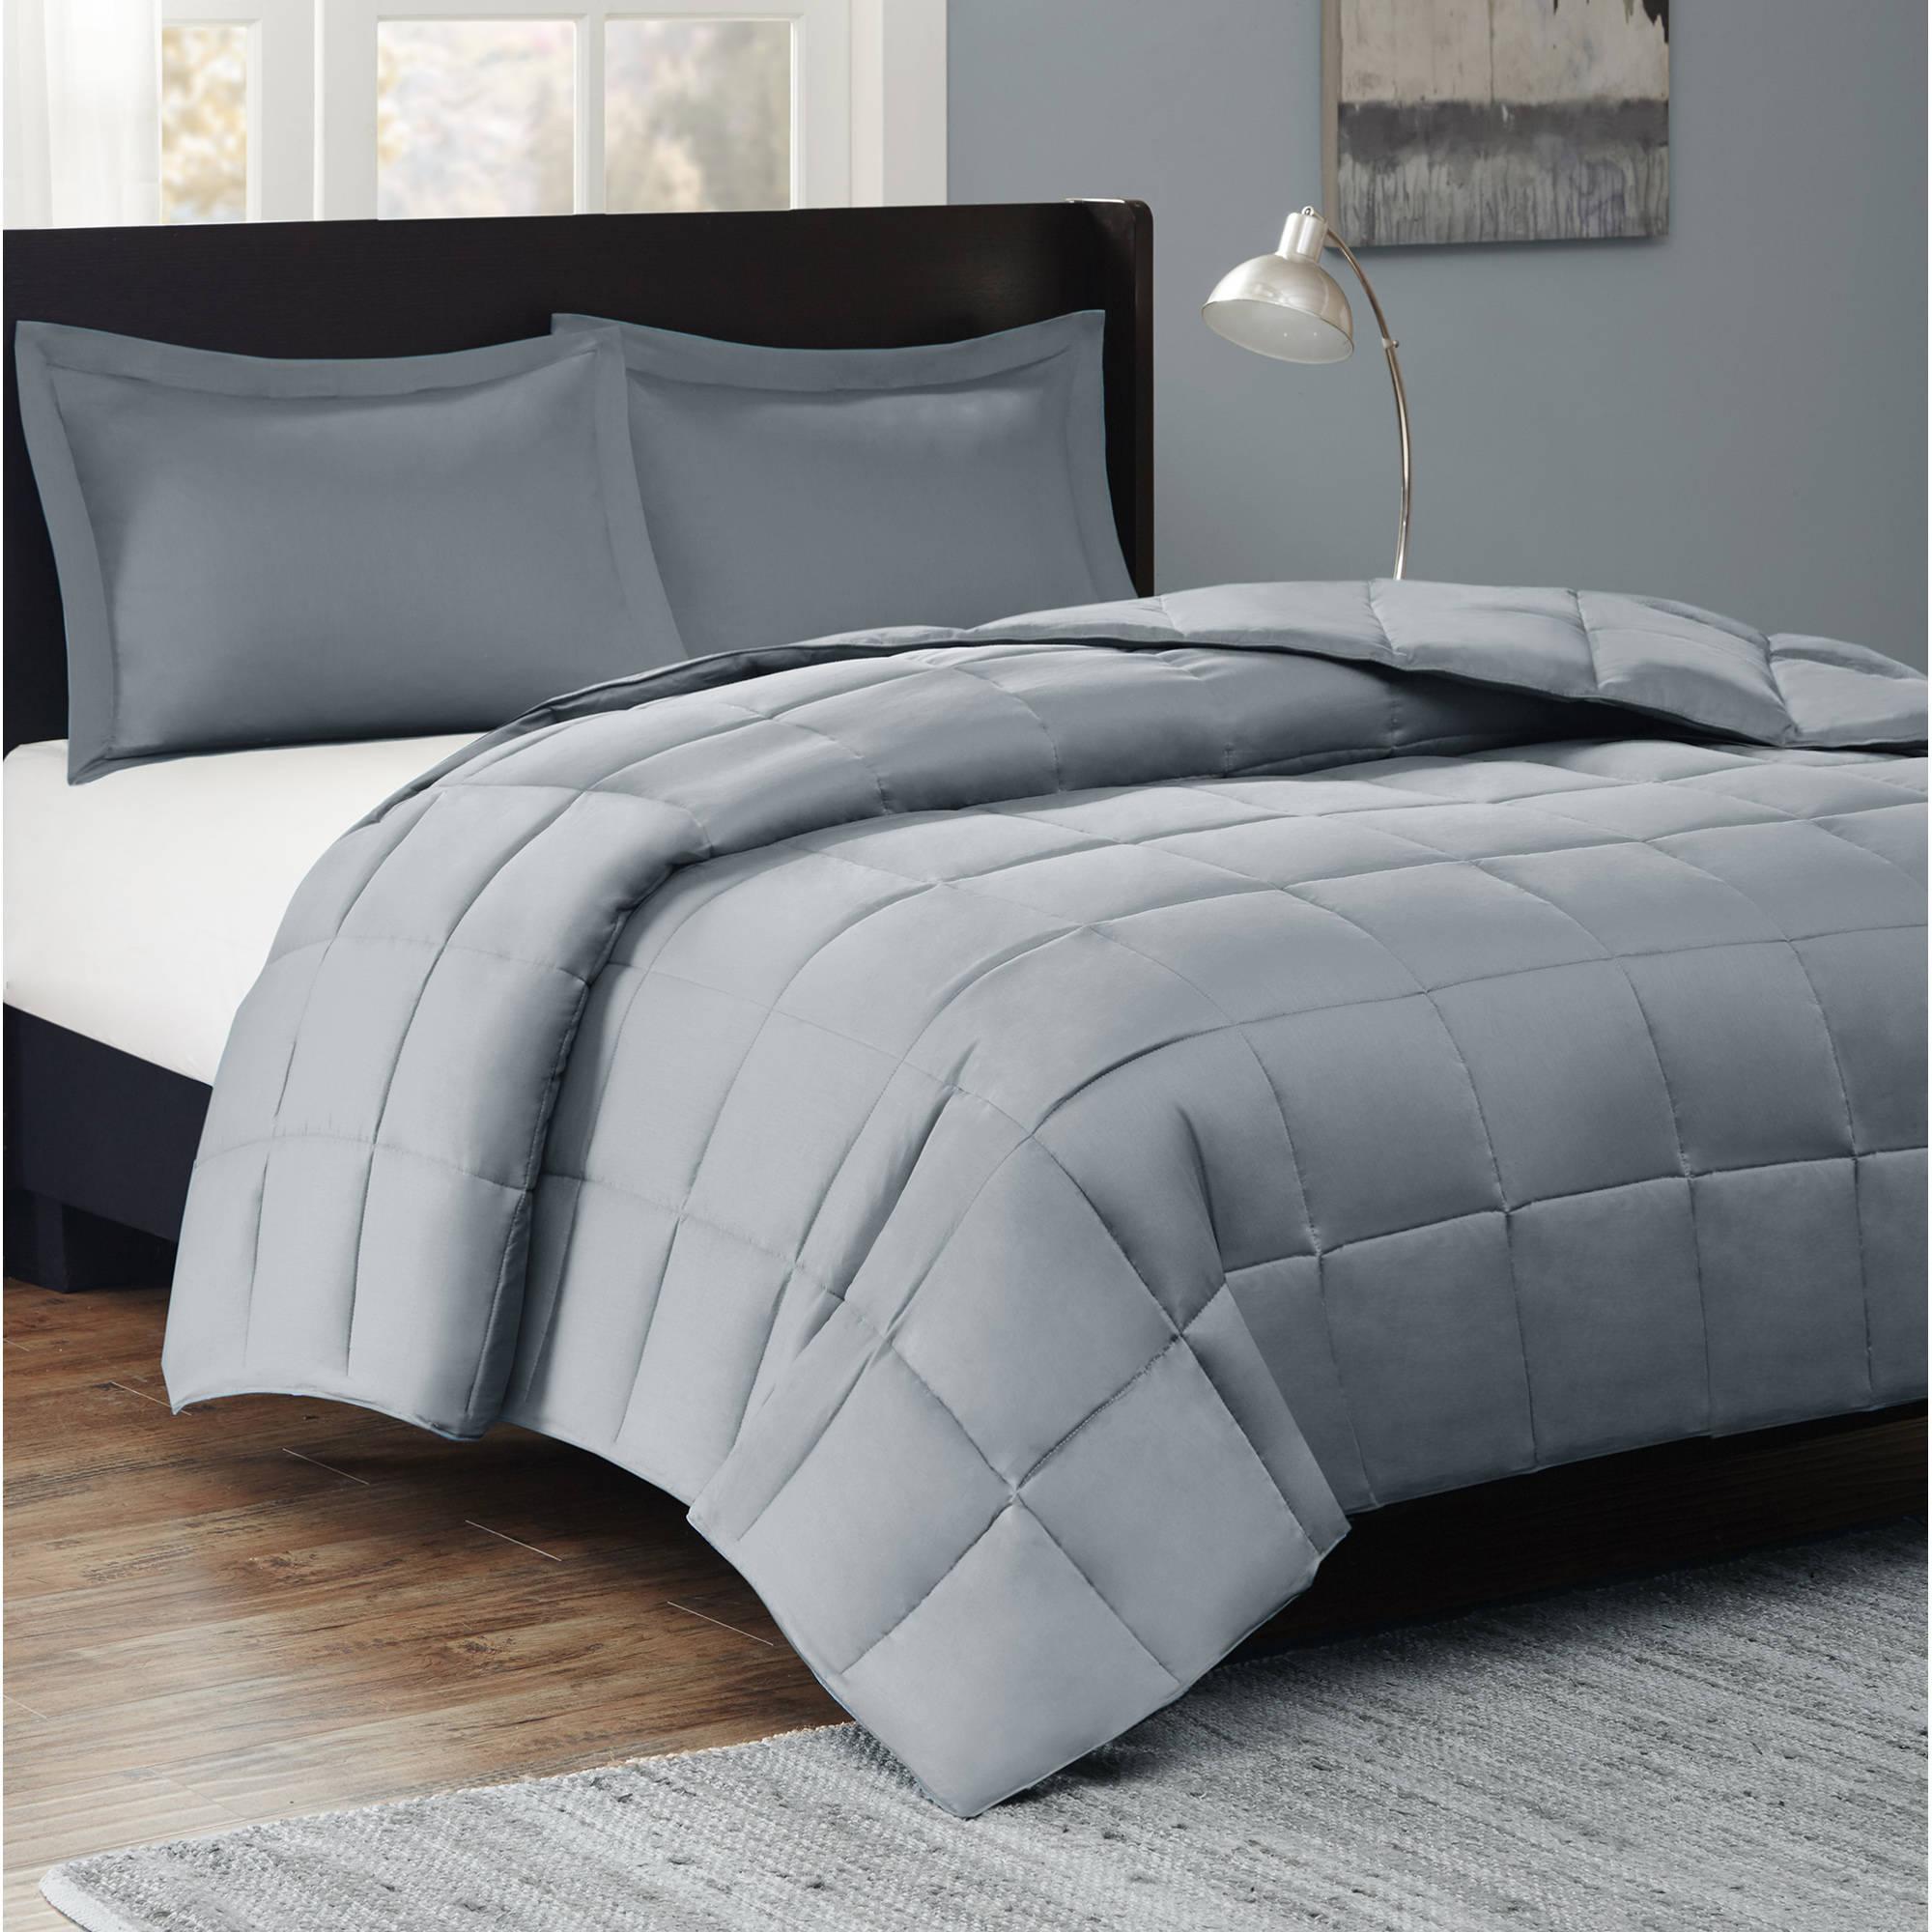 Comfort Classics Adrien 3M Thinsulate Comforter Mini Set